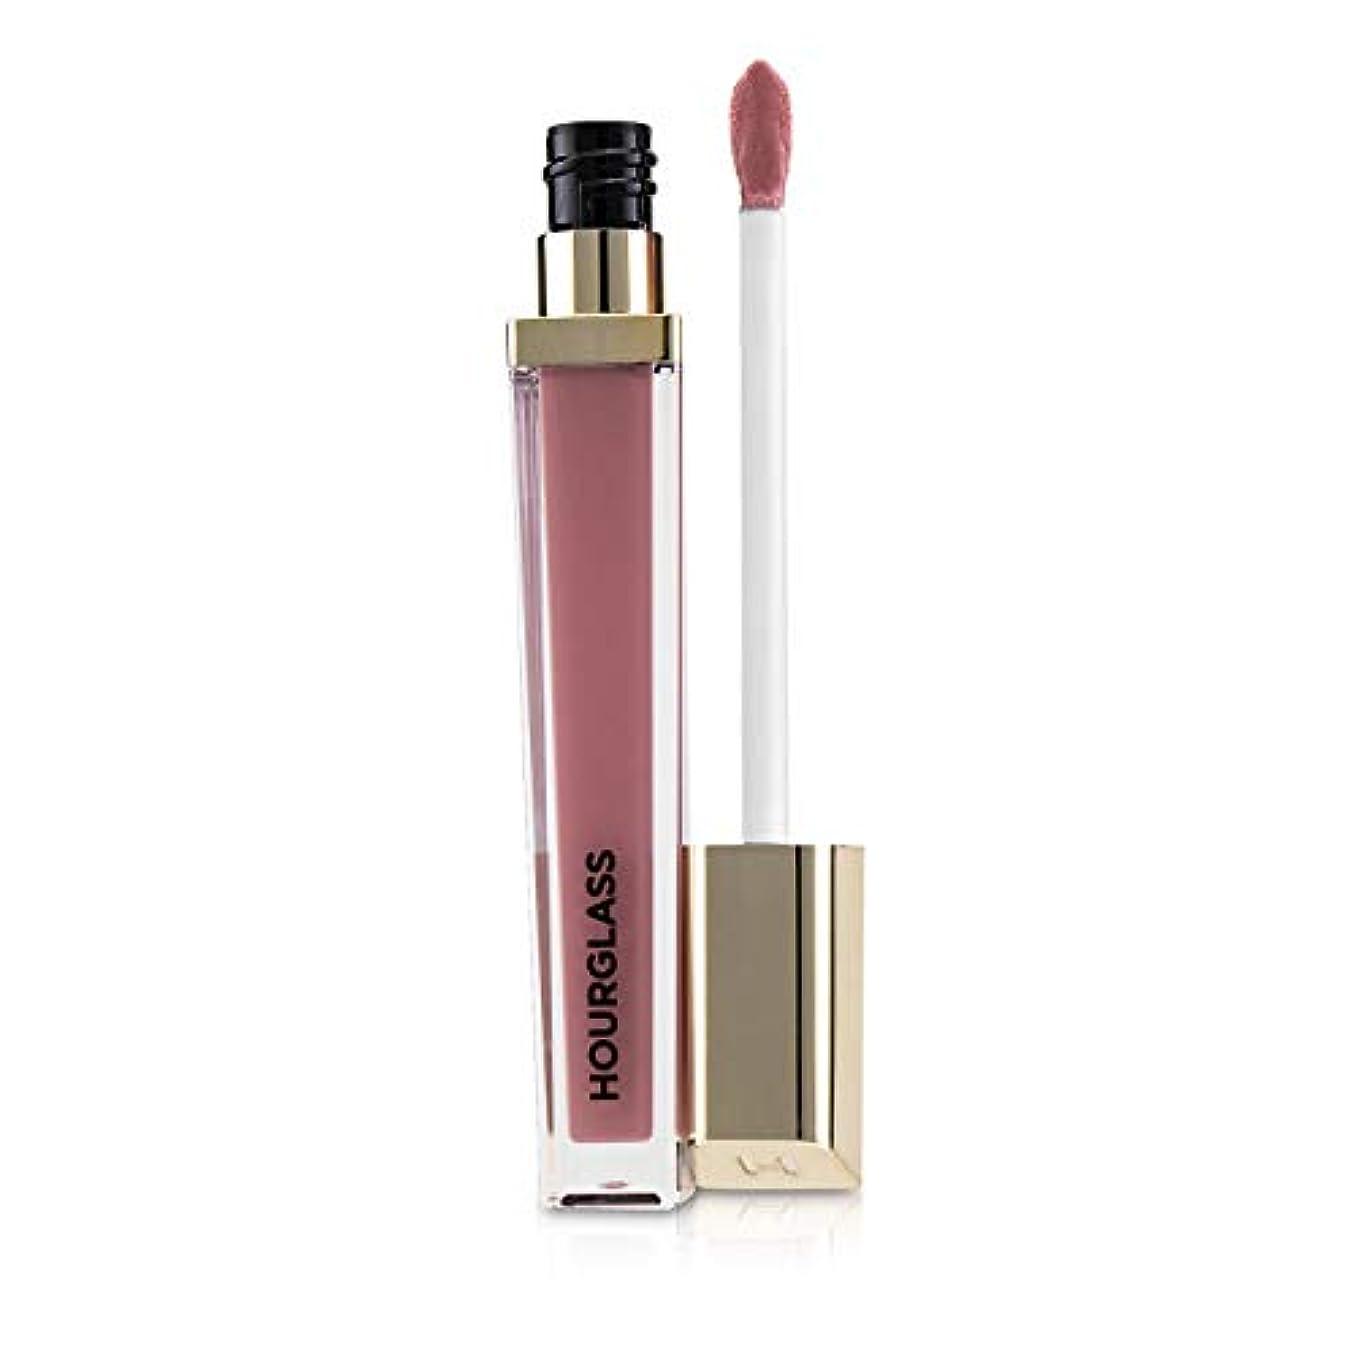 杖太いプロペラアワーグラス Unreal High Shine Volumizing Lip Gloss - # Enchant (Soft Pink) 5.6g/0.2oz並行輸入品